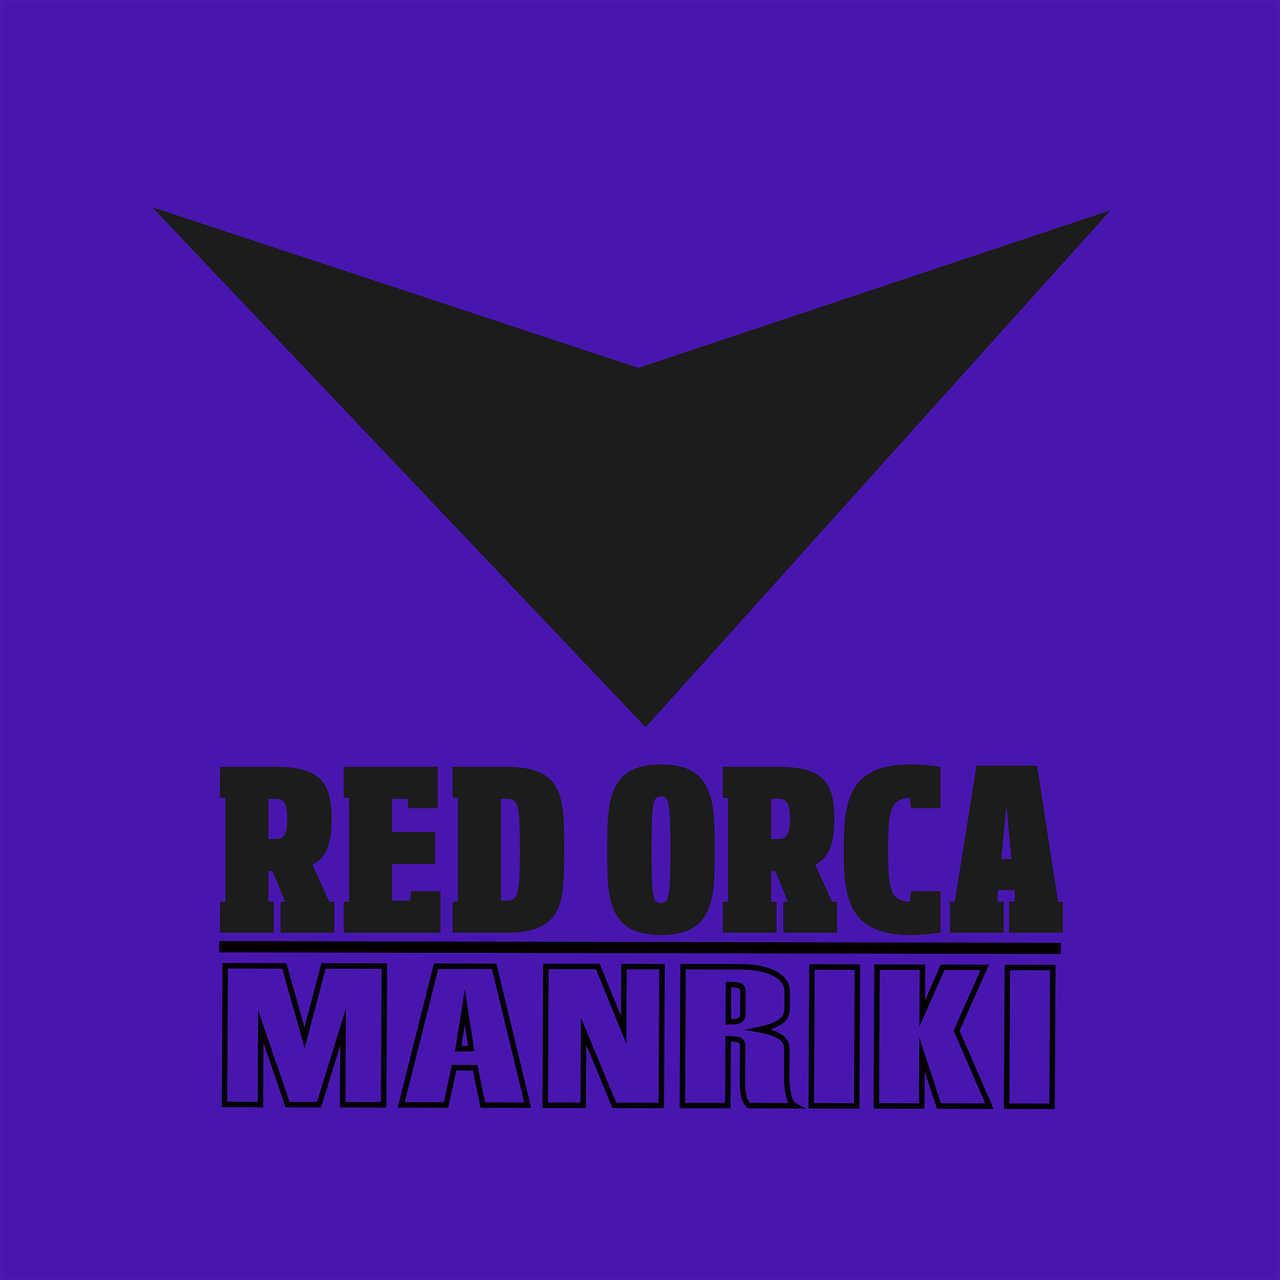 配信楽曲「MANRIKI」